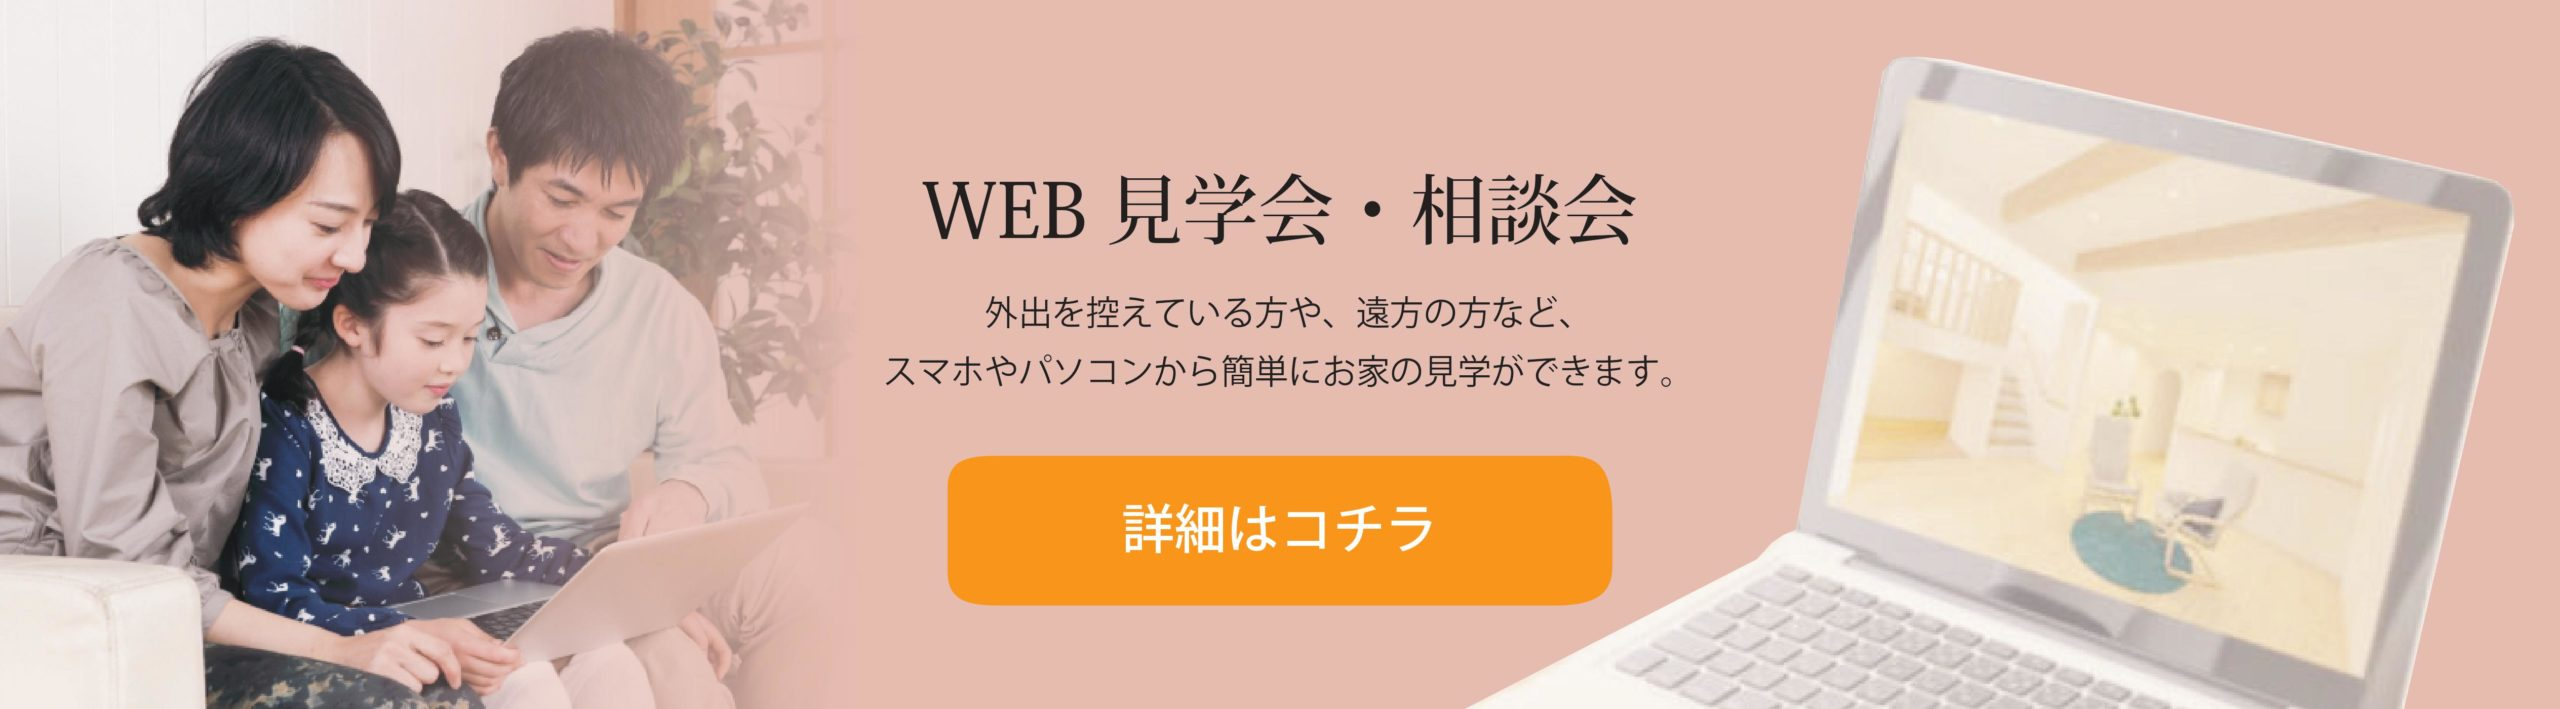 神戸市注文住宅のWEB見学会